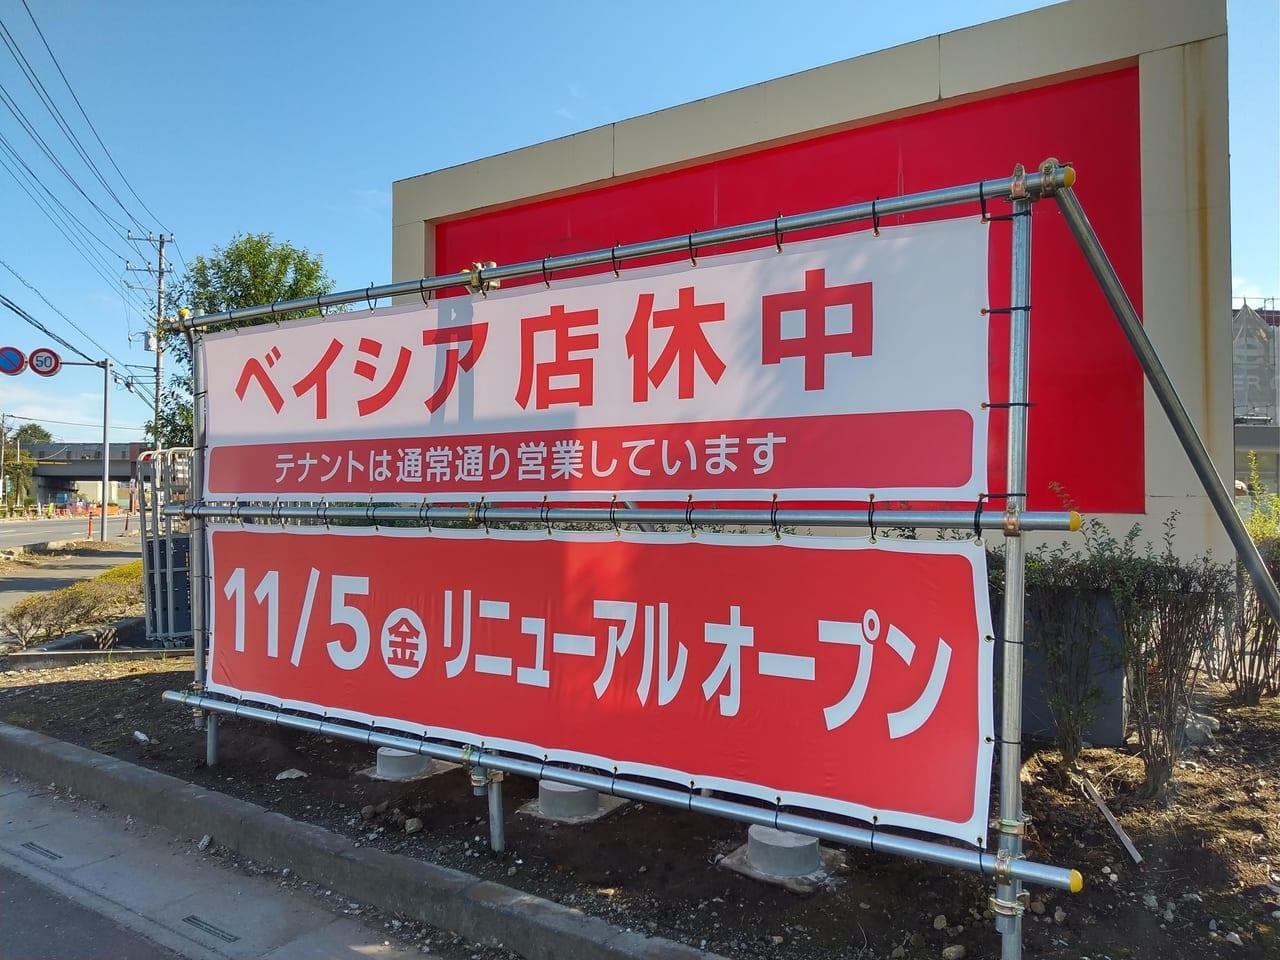 ベイシア鶴ヶ島店のリニューアルオープン日